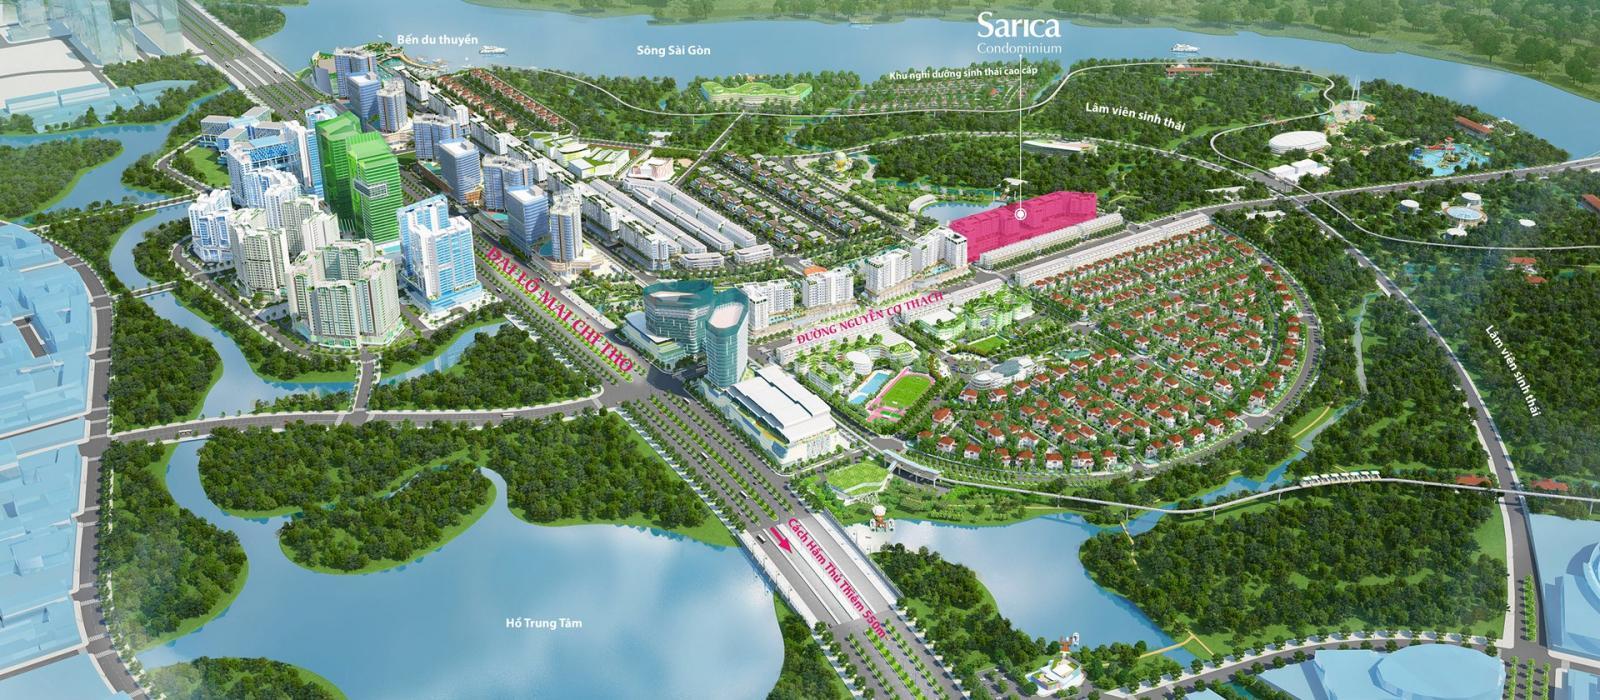 Vị trí dự án căn hộ Sarica trong khu đô thị Sala